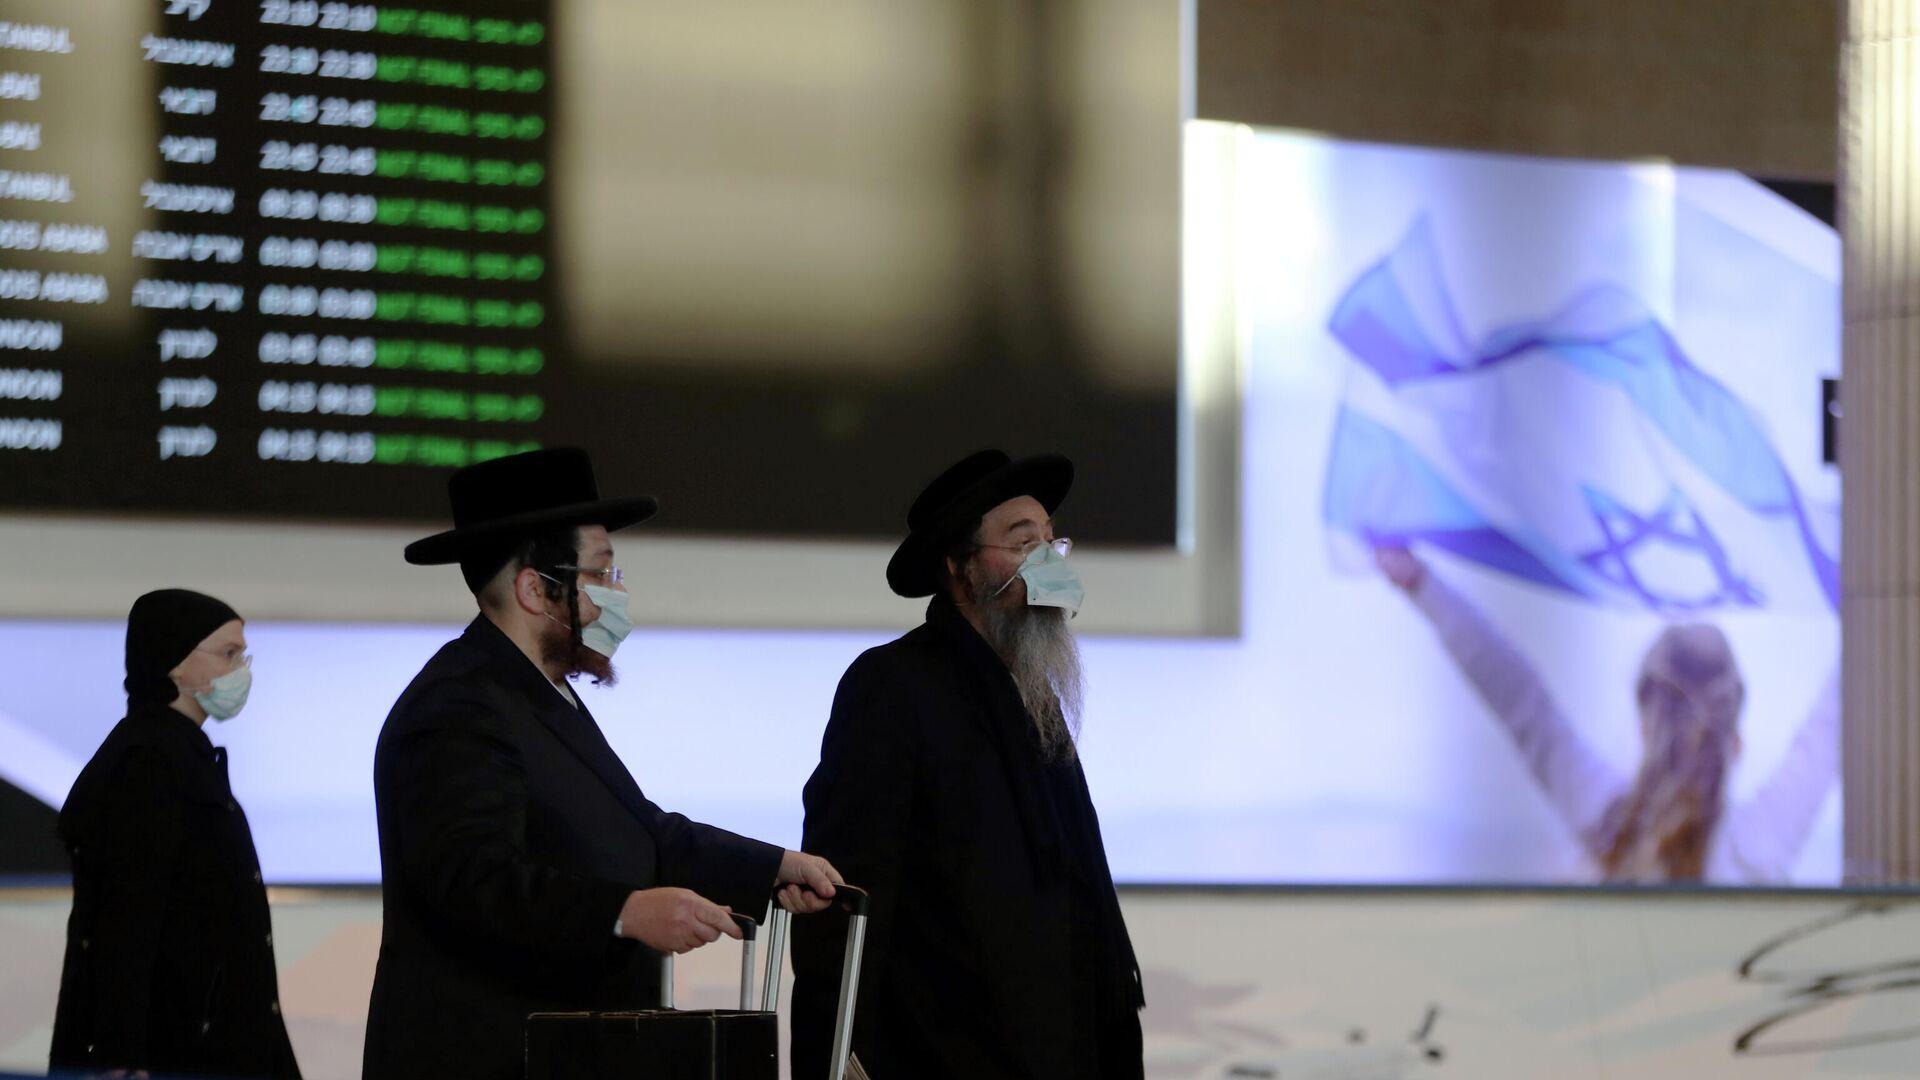 El aeropuerto de Ben Gurión, Israel - Sputnik Mundo, 1920, 15.02.2021